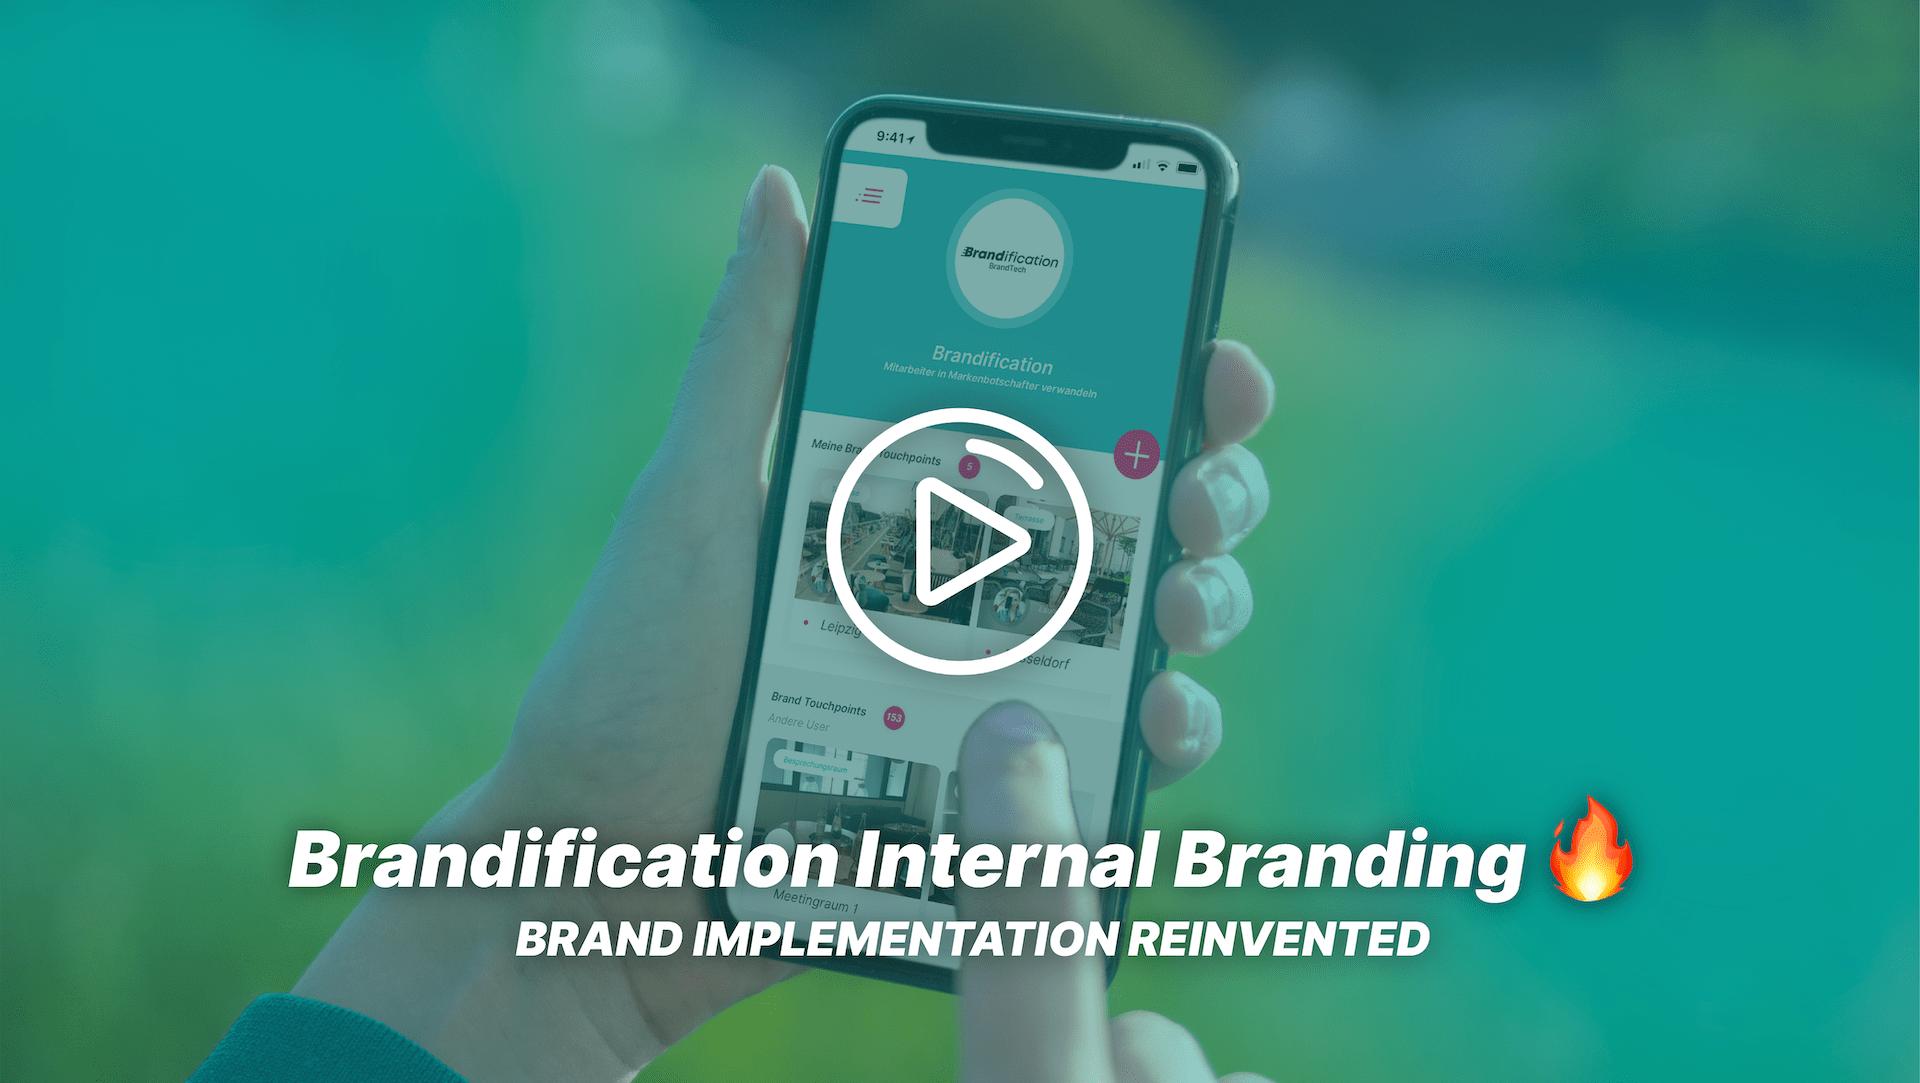 Das Vorschaubild zum Video über Brandification Internal Branding